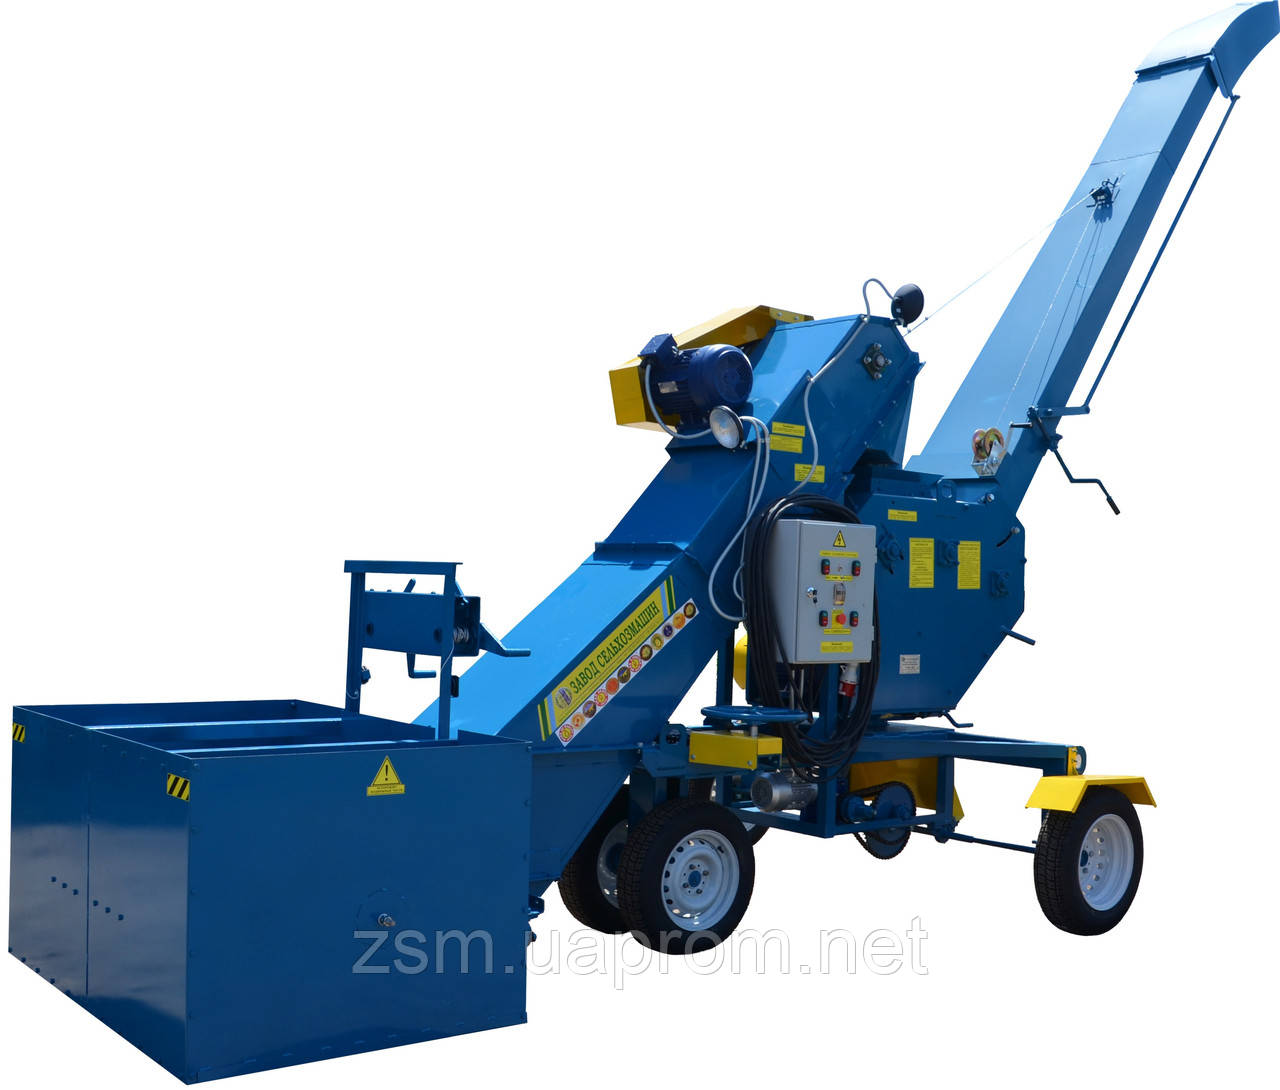 Ремонт землеройной машины ПЗМ-2, цена 100 грн./услуга, заказать в ... | 1090x1280